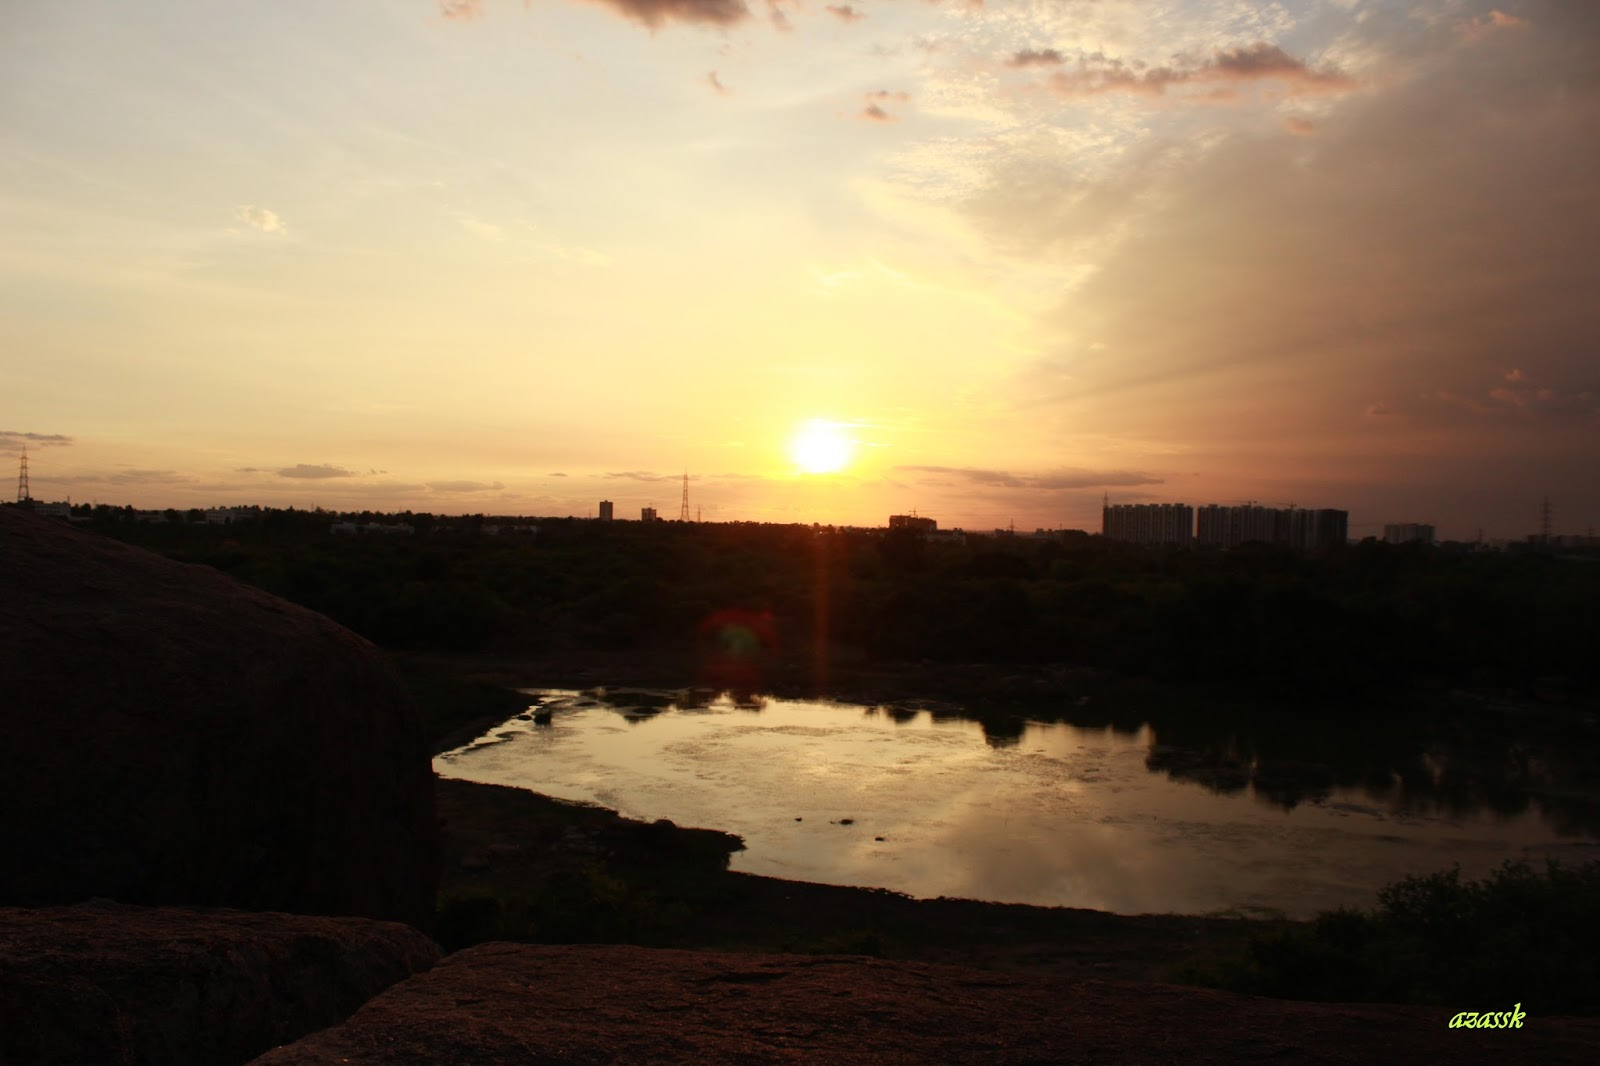 Calm-Sojourner: Buffalo lake, University of Hyderabad